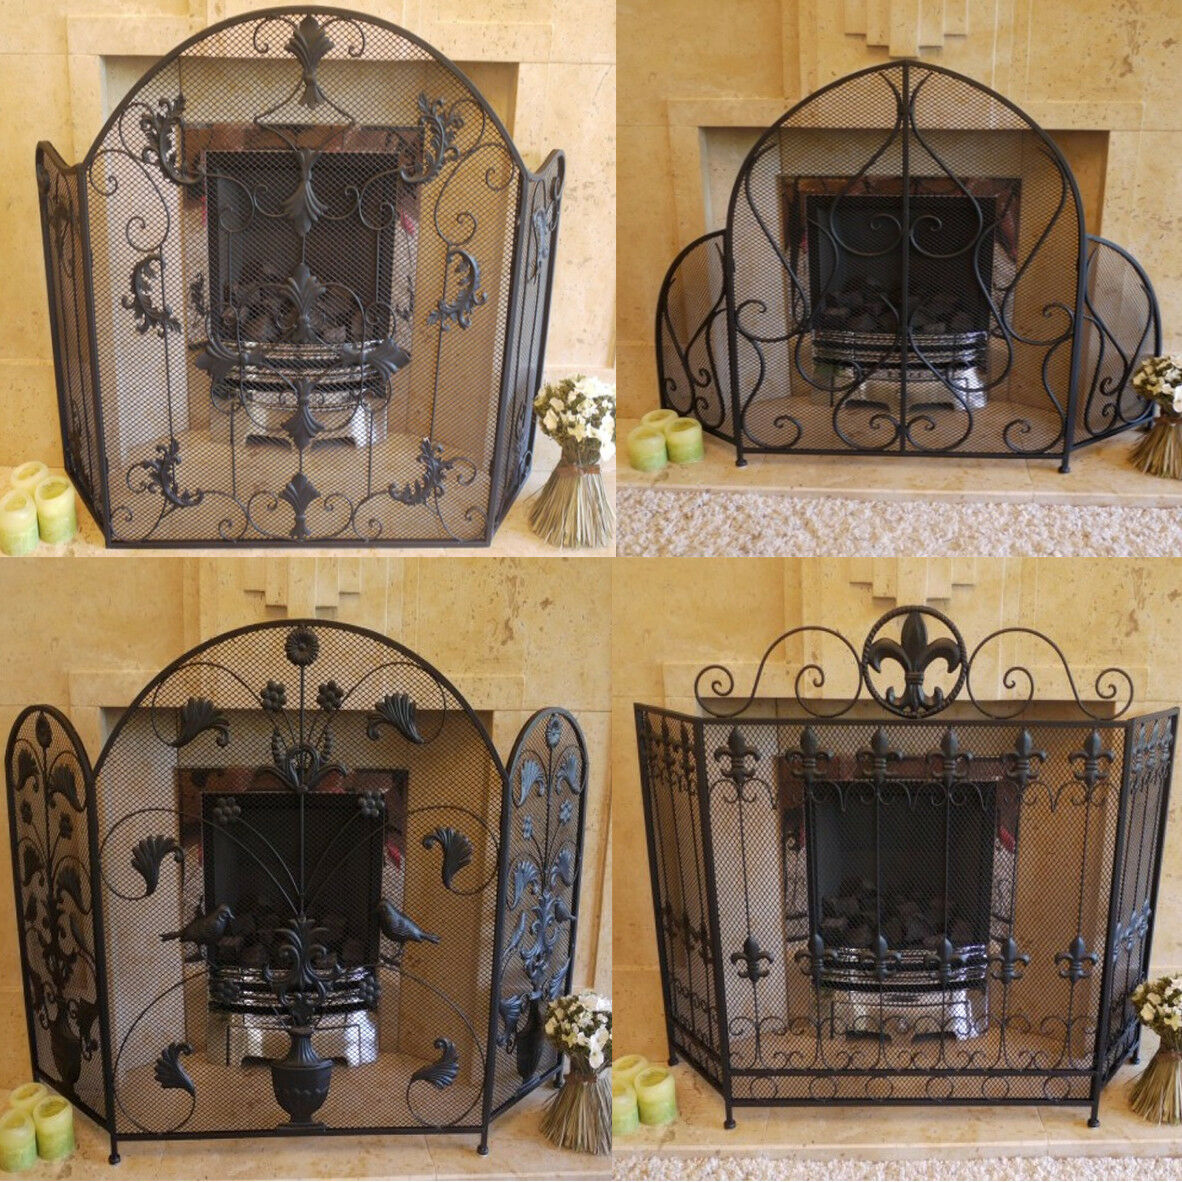 Negro De Hierro Forjado 3 paneles de malla fireguard recargado arqueado Plegable Pantalla De Fuego Nuevo